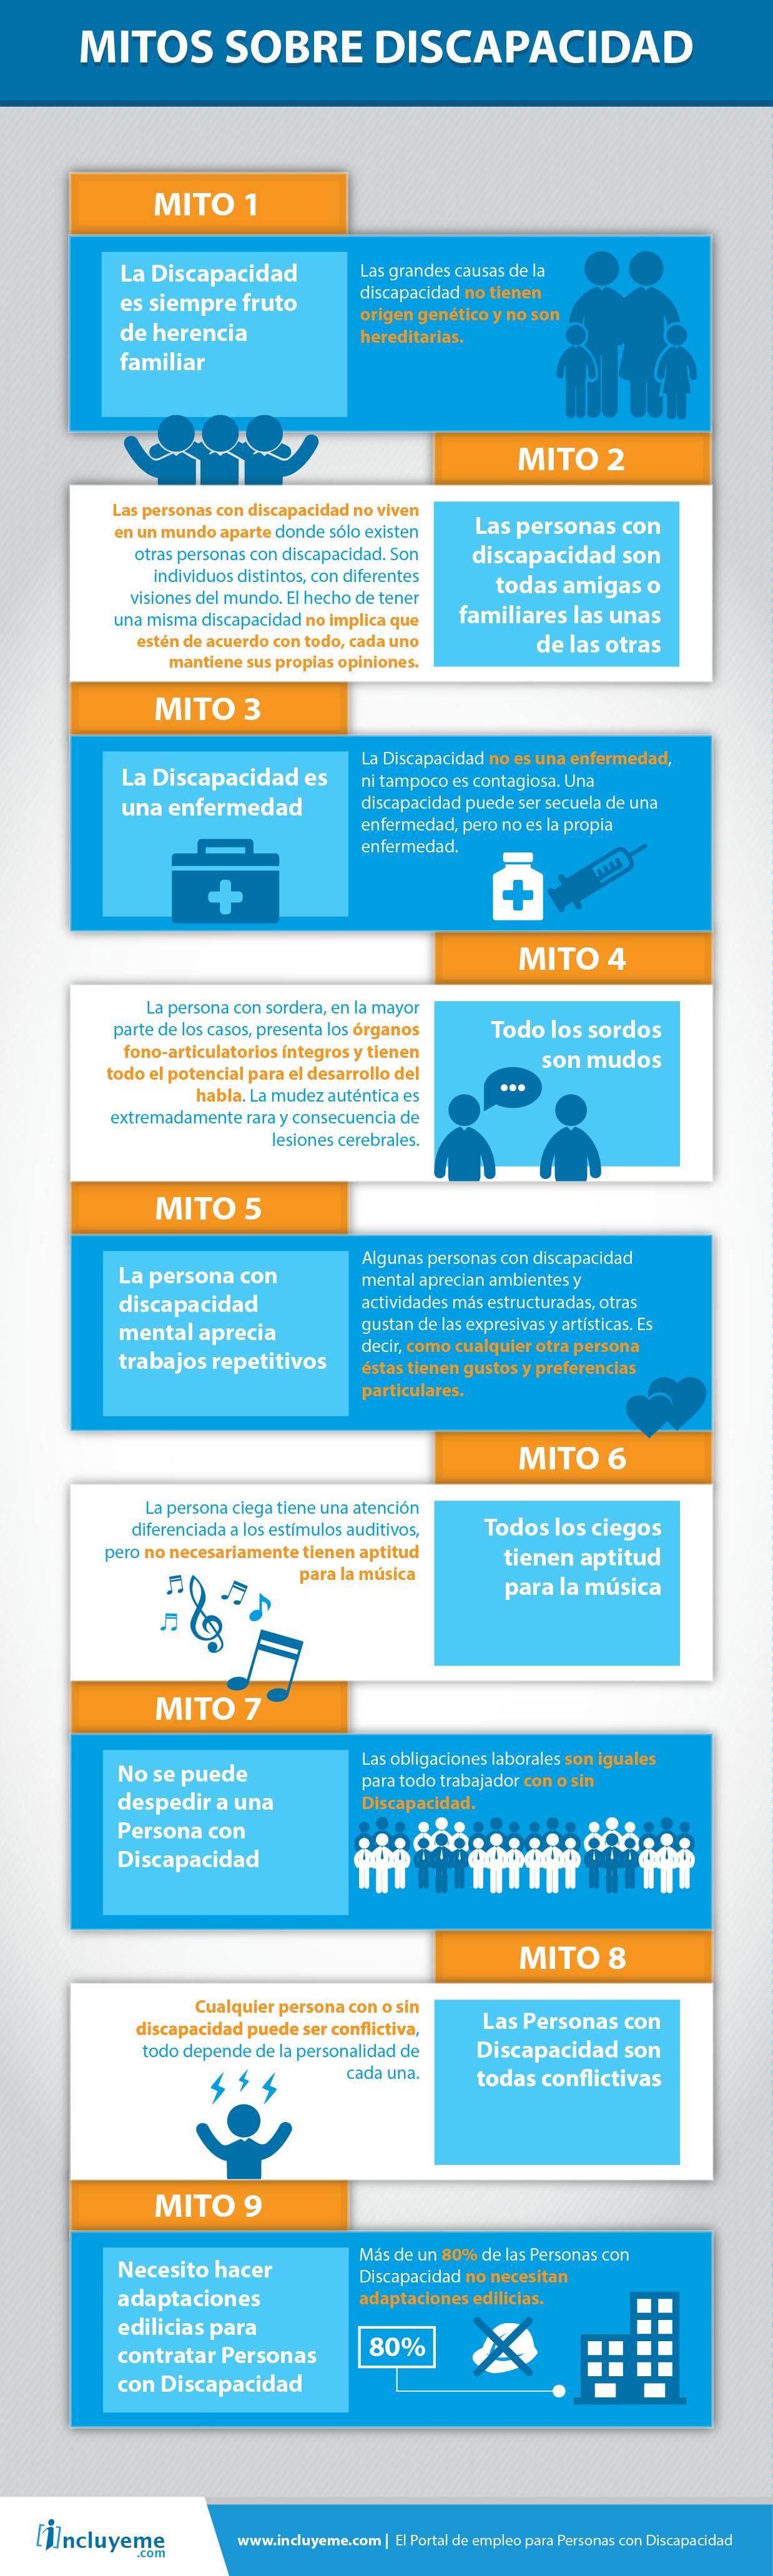 Infografía sobre mitos de la discapacidad